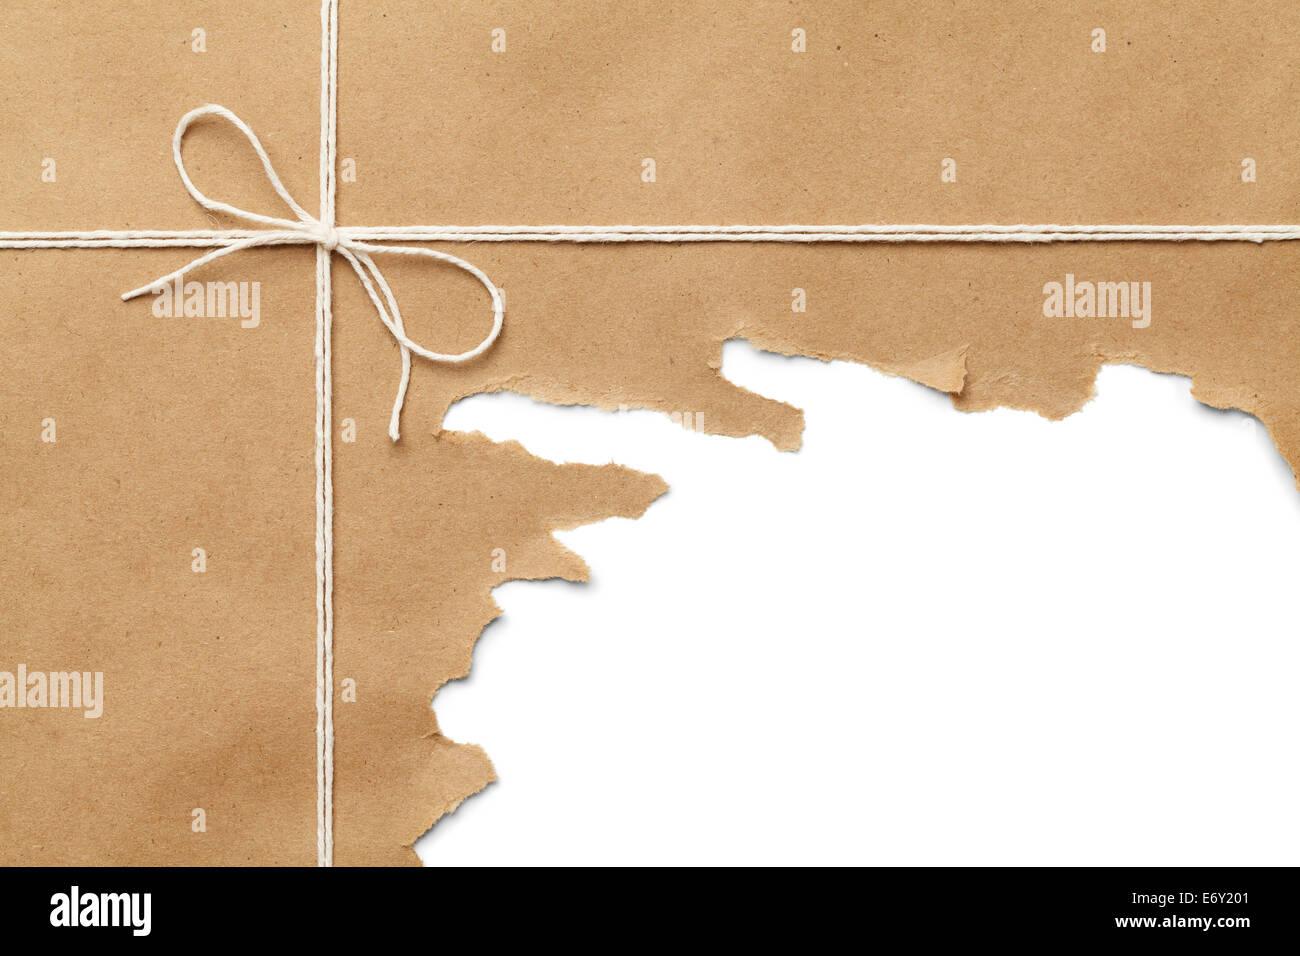 Paquete de papel marrón con una cuerda de desgarre sobre fondo blanco. Foto de stock